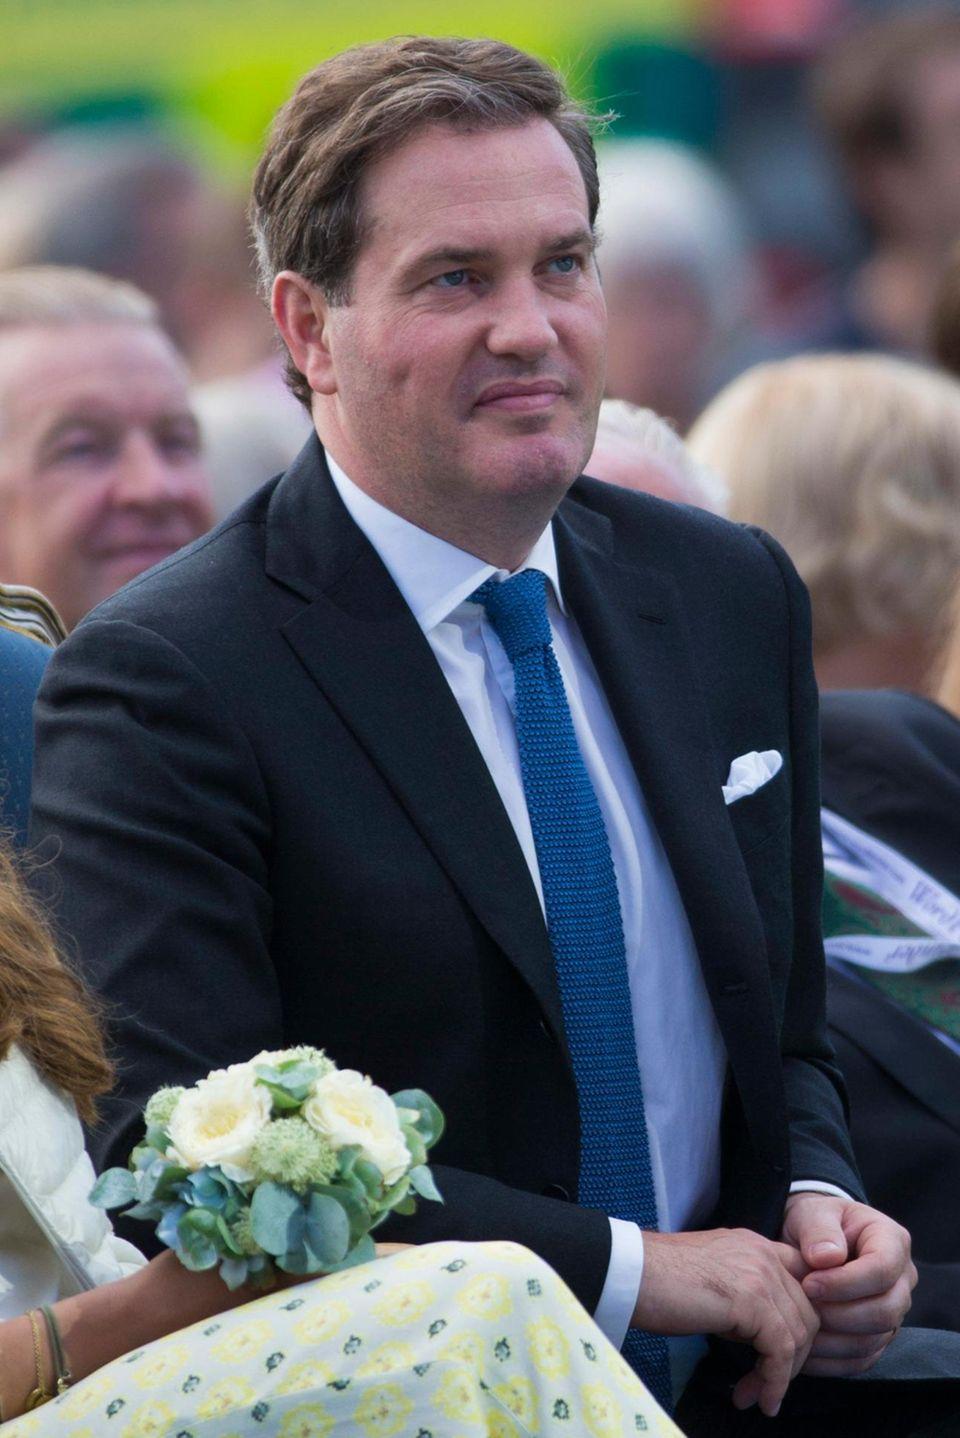 Chris O'Neill